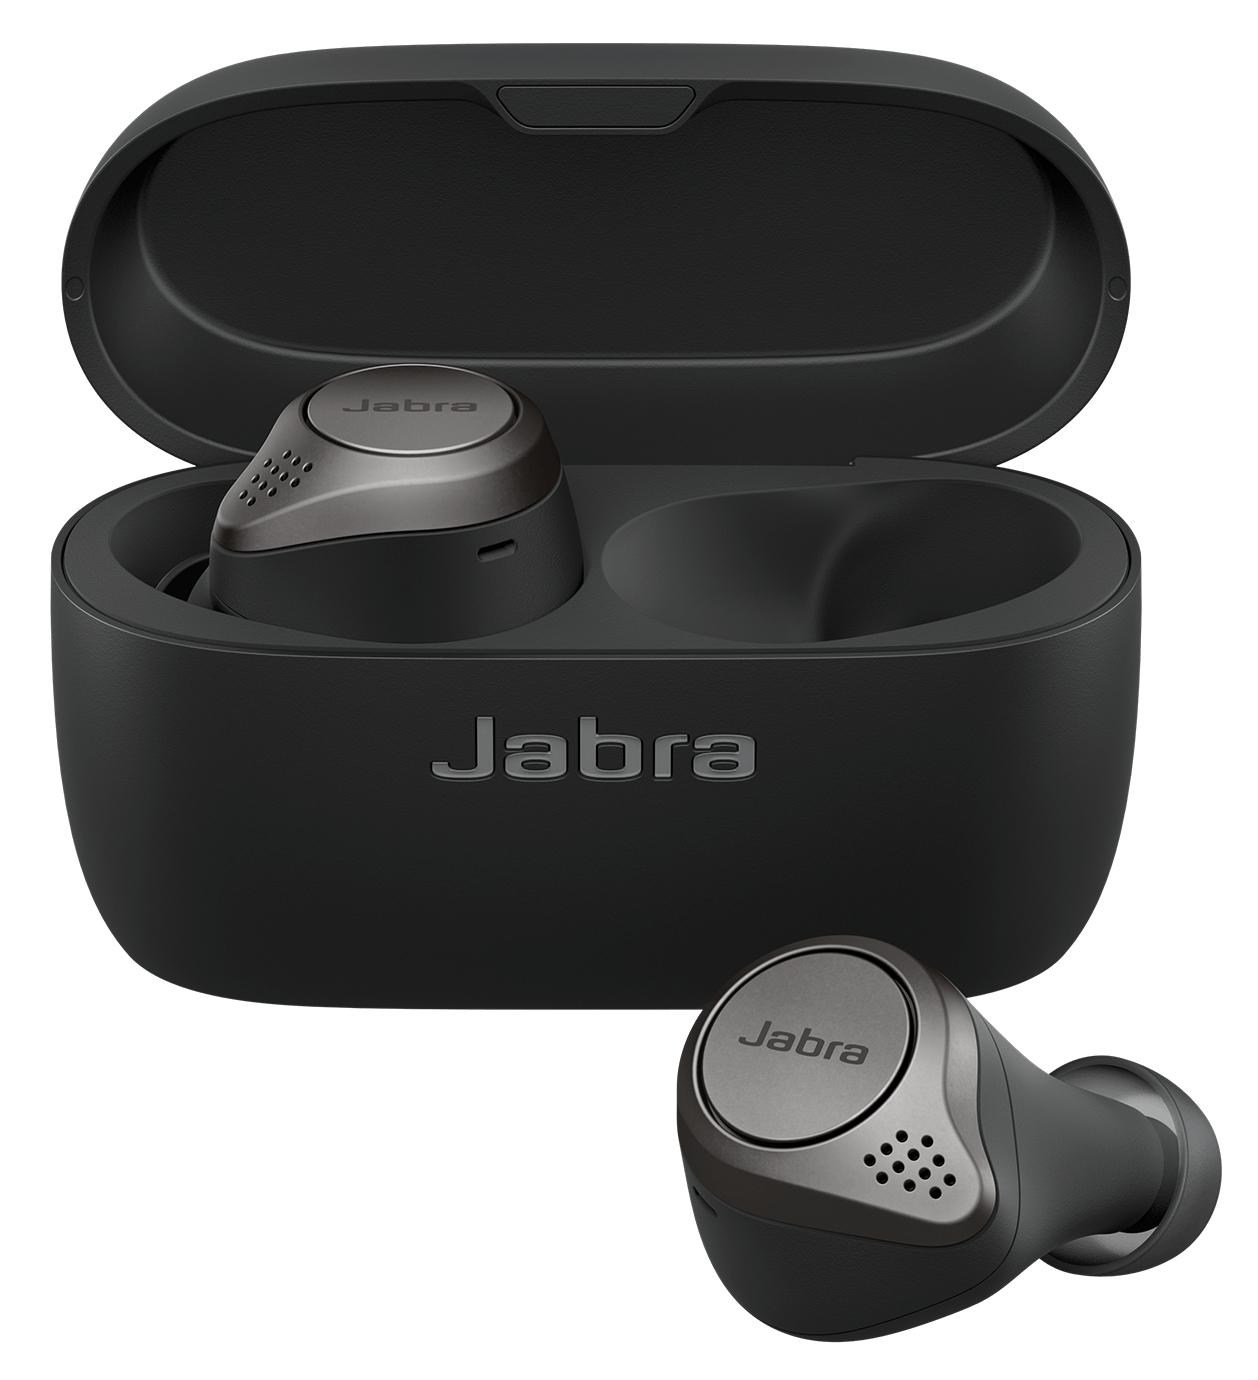 Jabra Elite 75t Trådløs Grå Sort Ægte trådløse øretelefoner